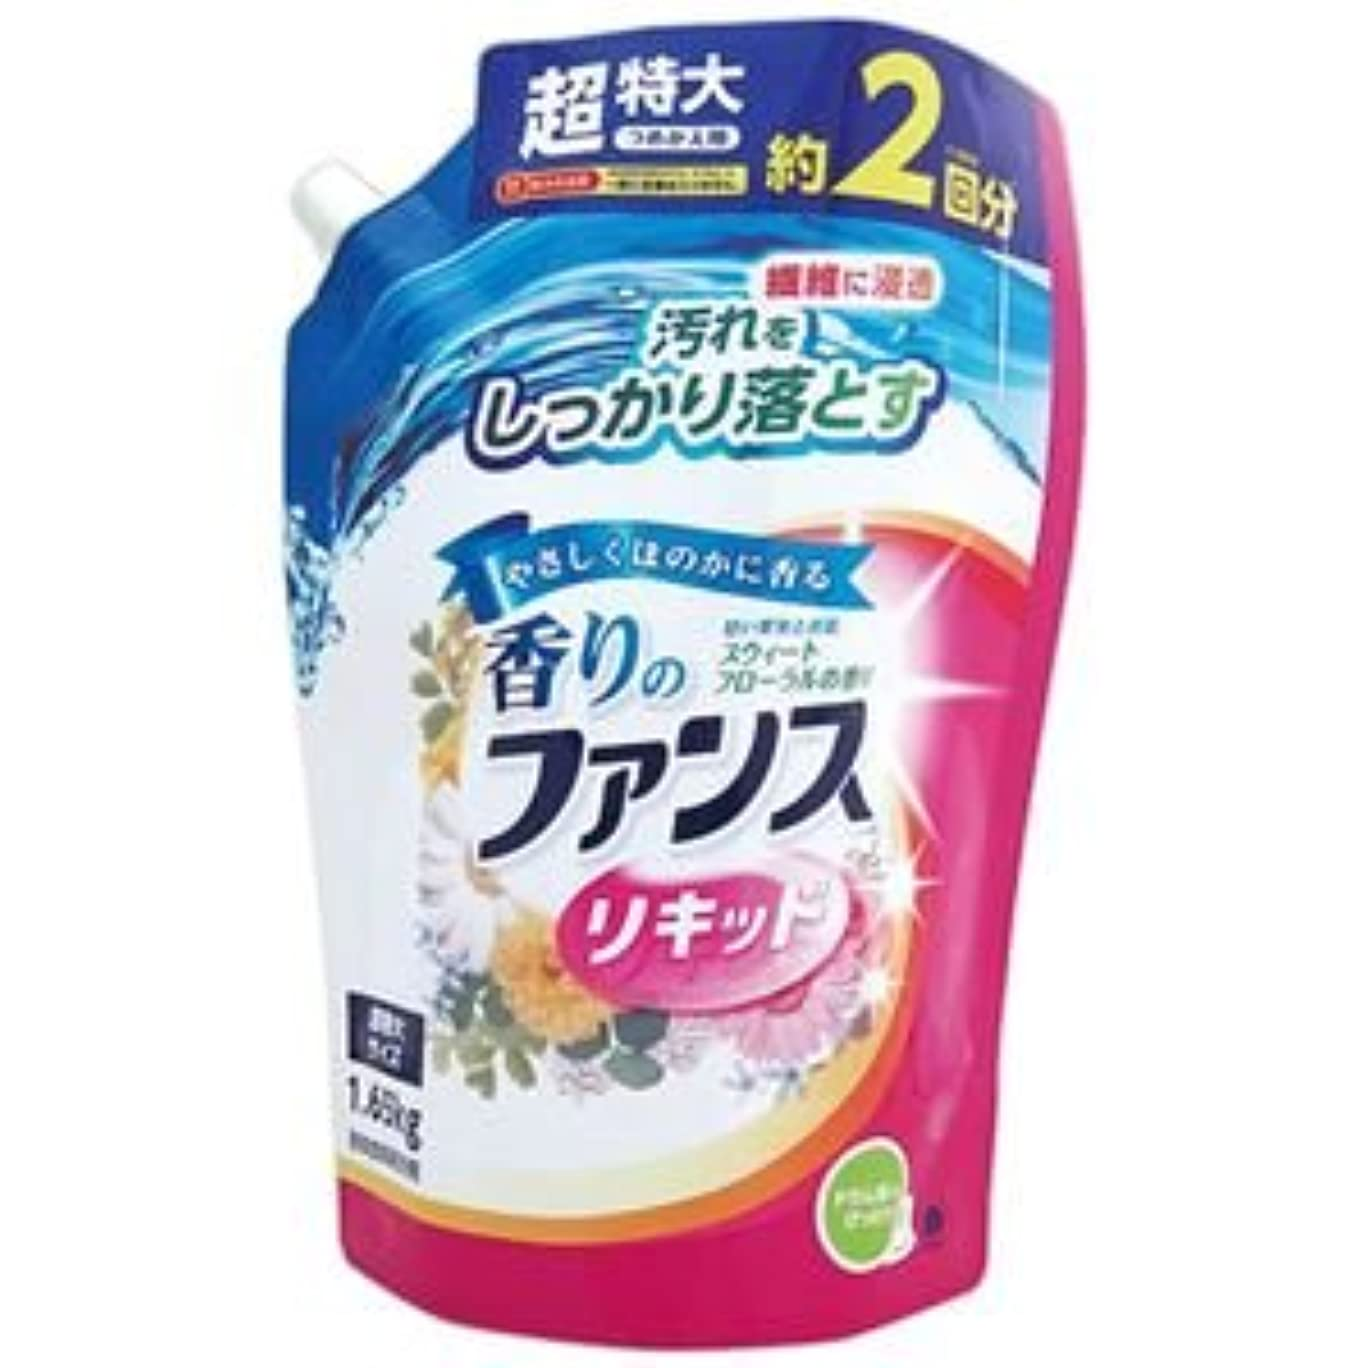 ようこそ面白い再び(まとめ) 第一石鹸 香りのファンス 液体衣料用洗剤リキッド 詰替用 1.65kg 1セット(6個) 【×2セット】